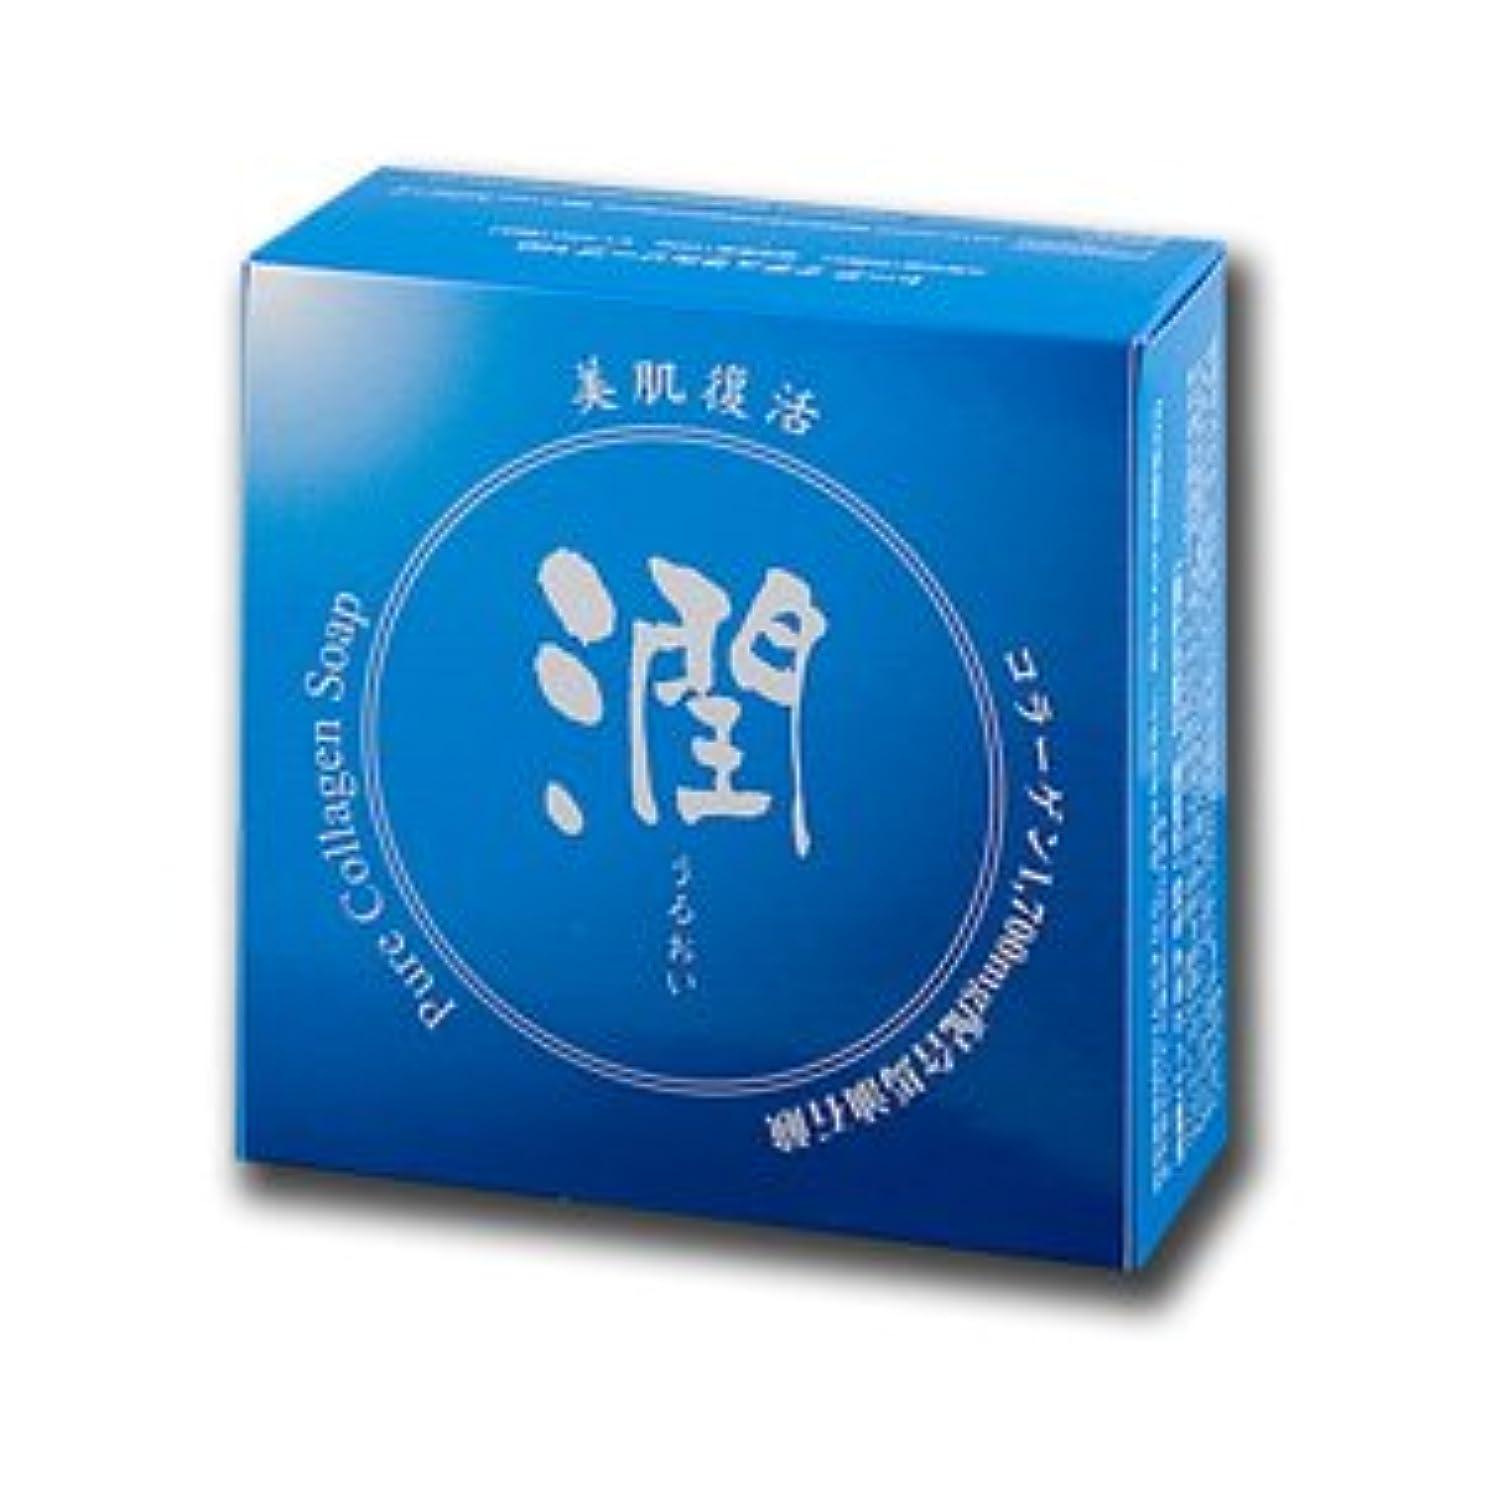 虚偽スカイ南方のコラーゲン馬油石鹸 潤 100g (#800410) ×10個セット